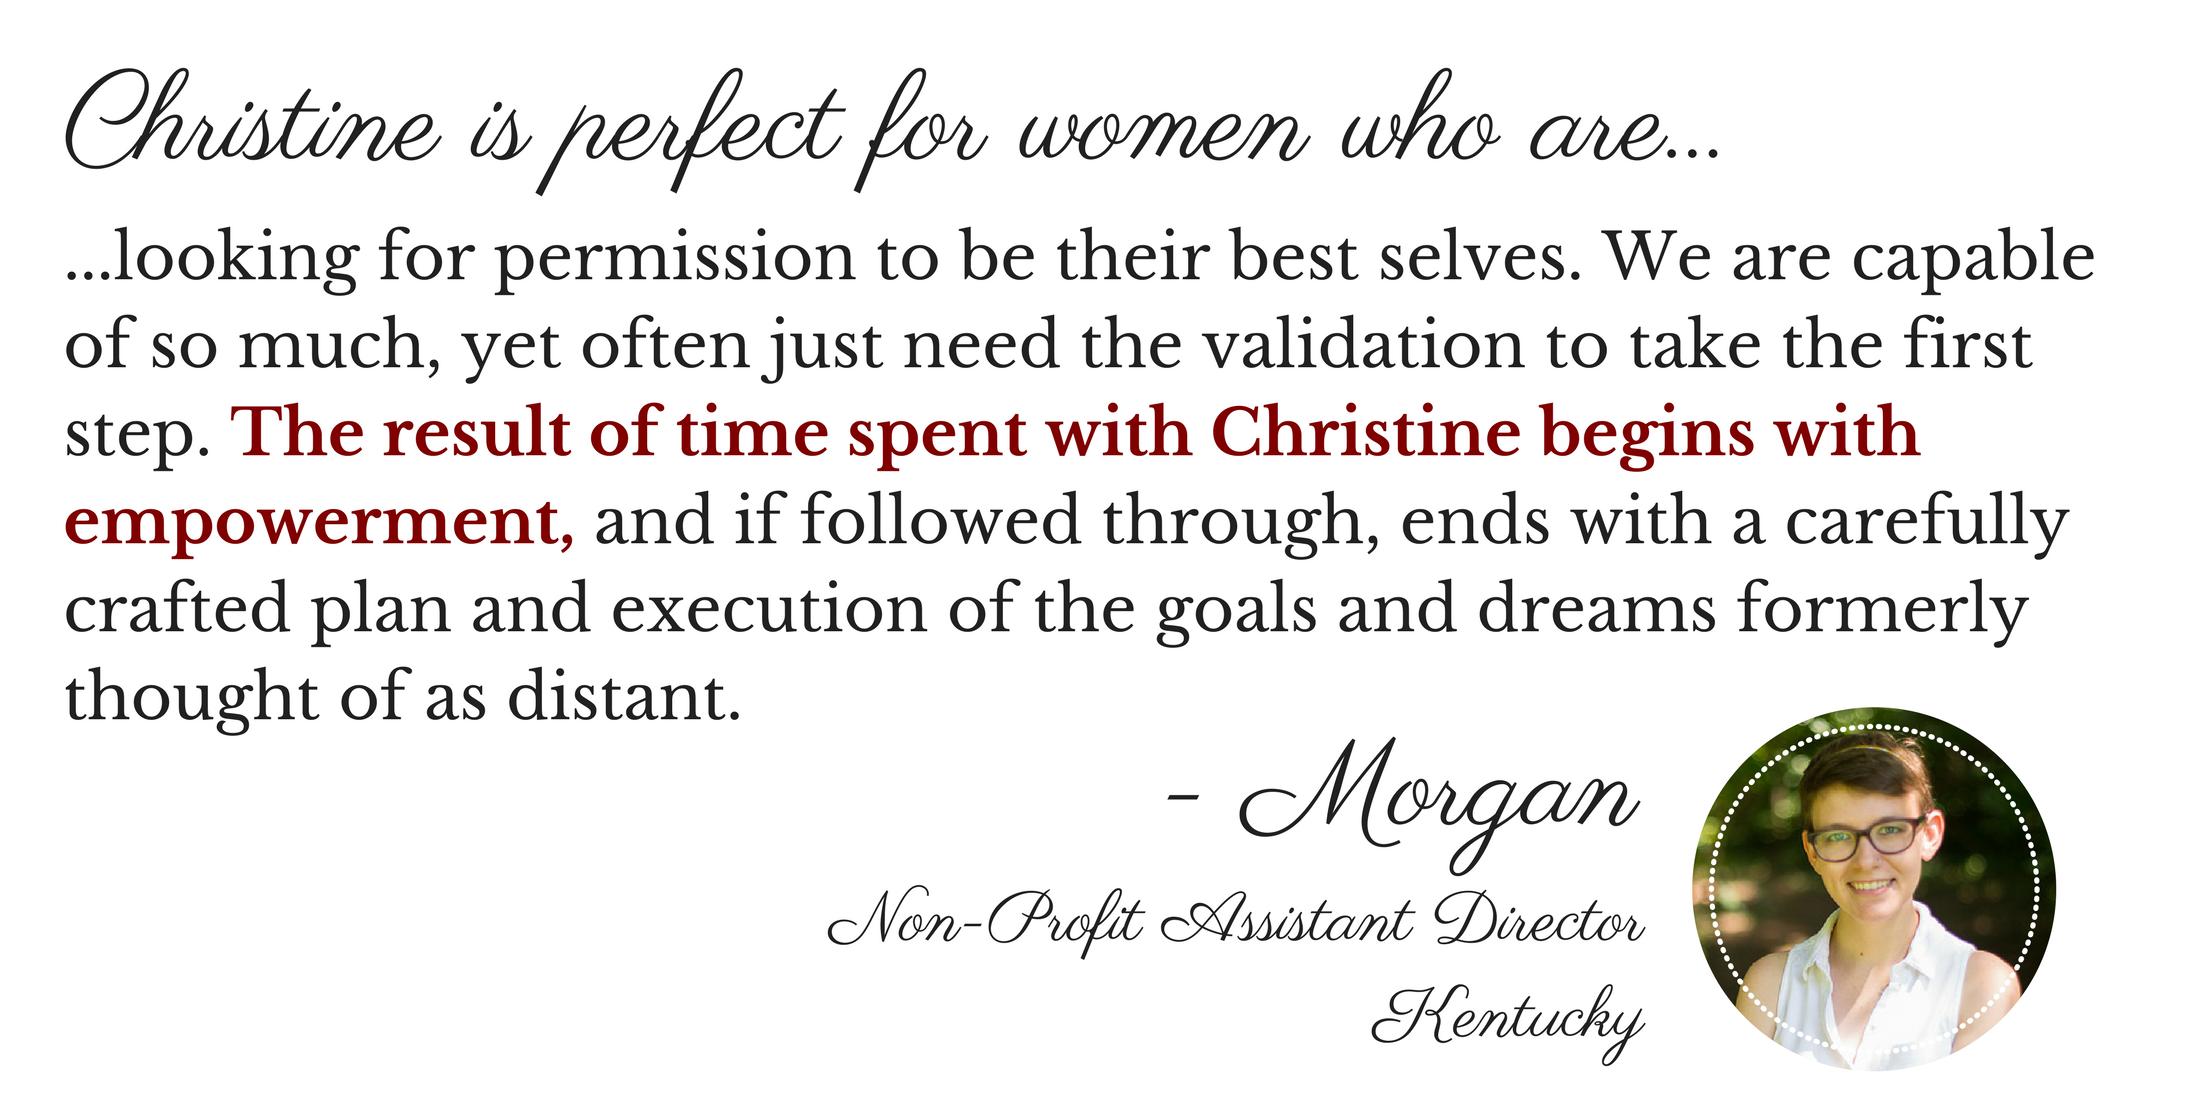 Morgan.png